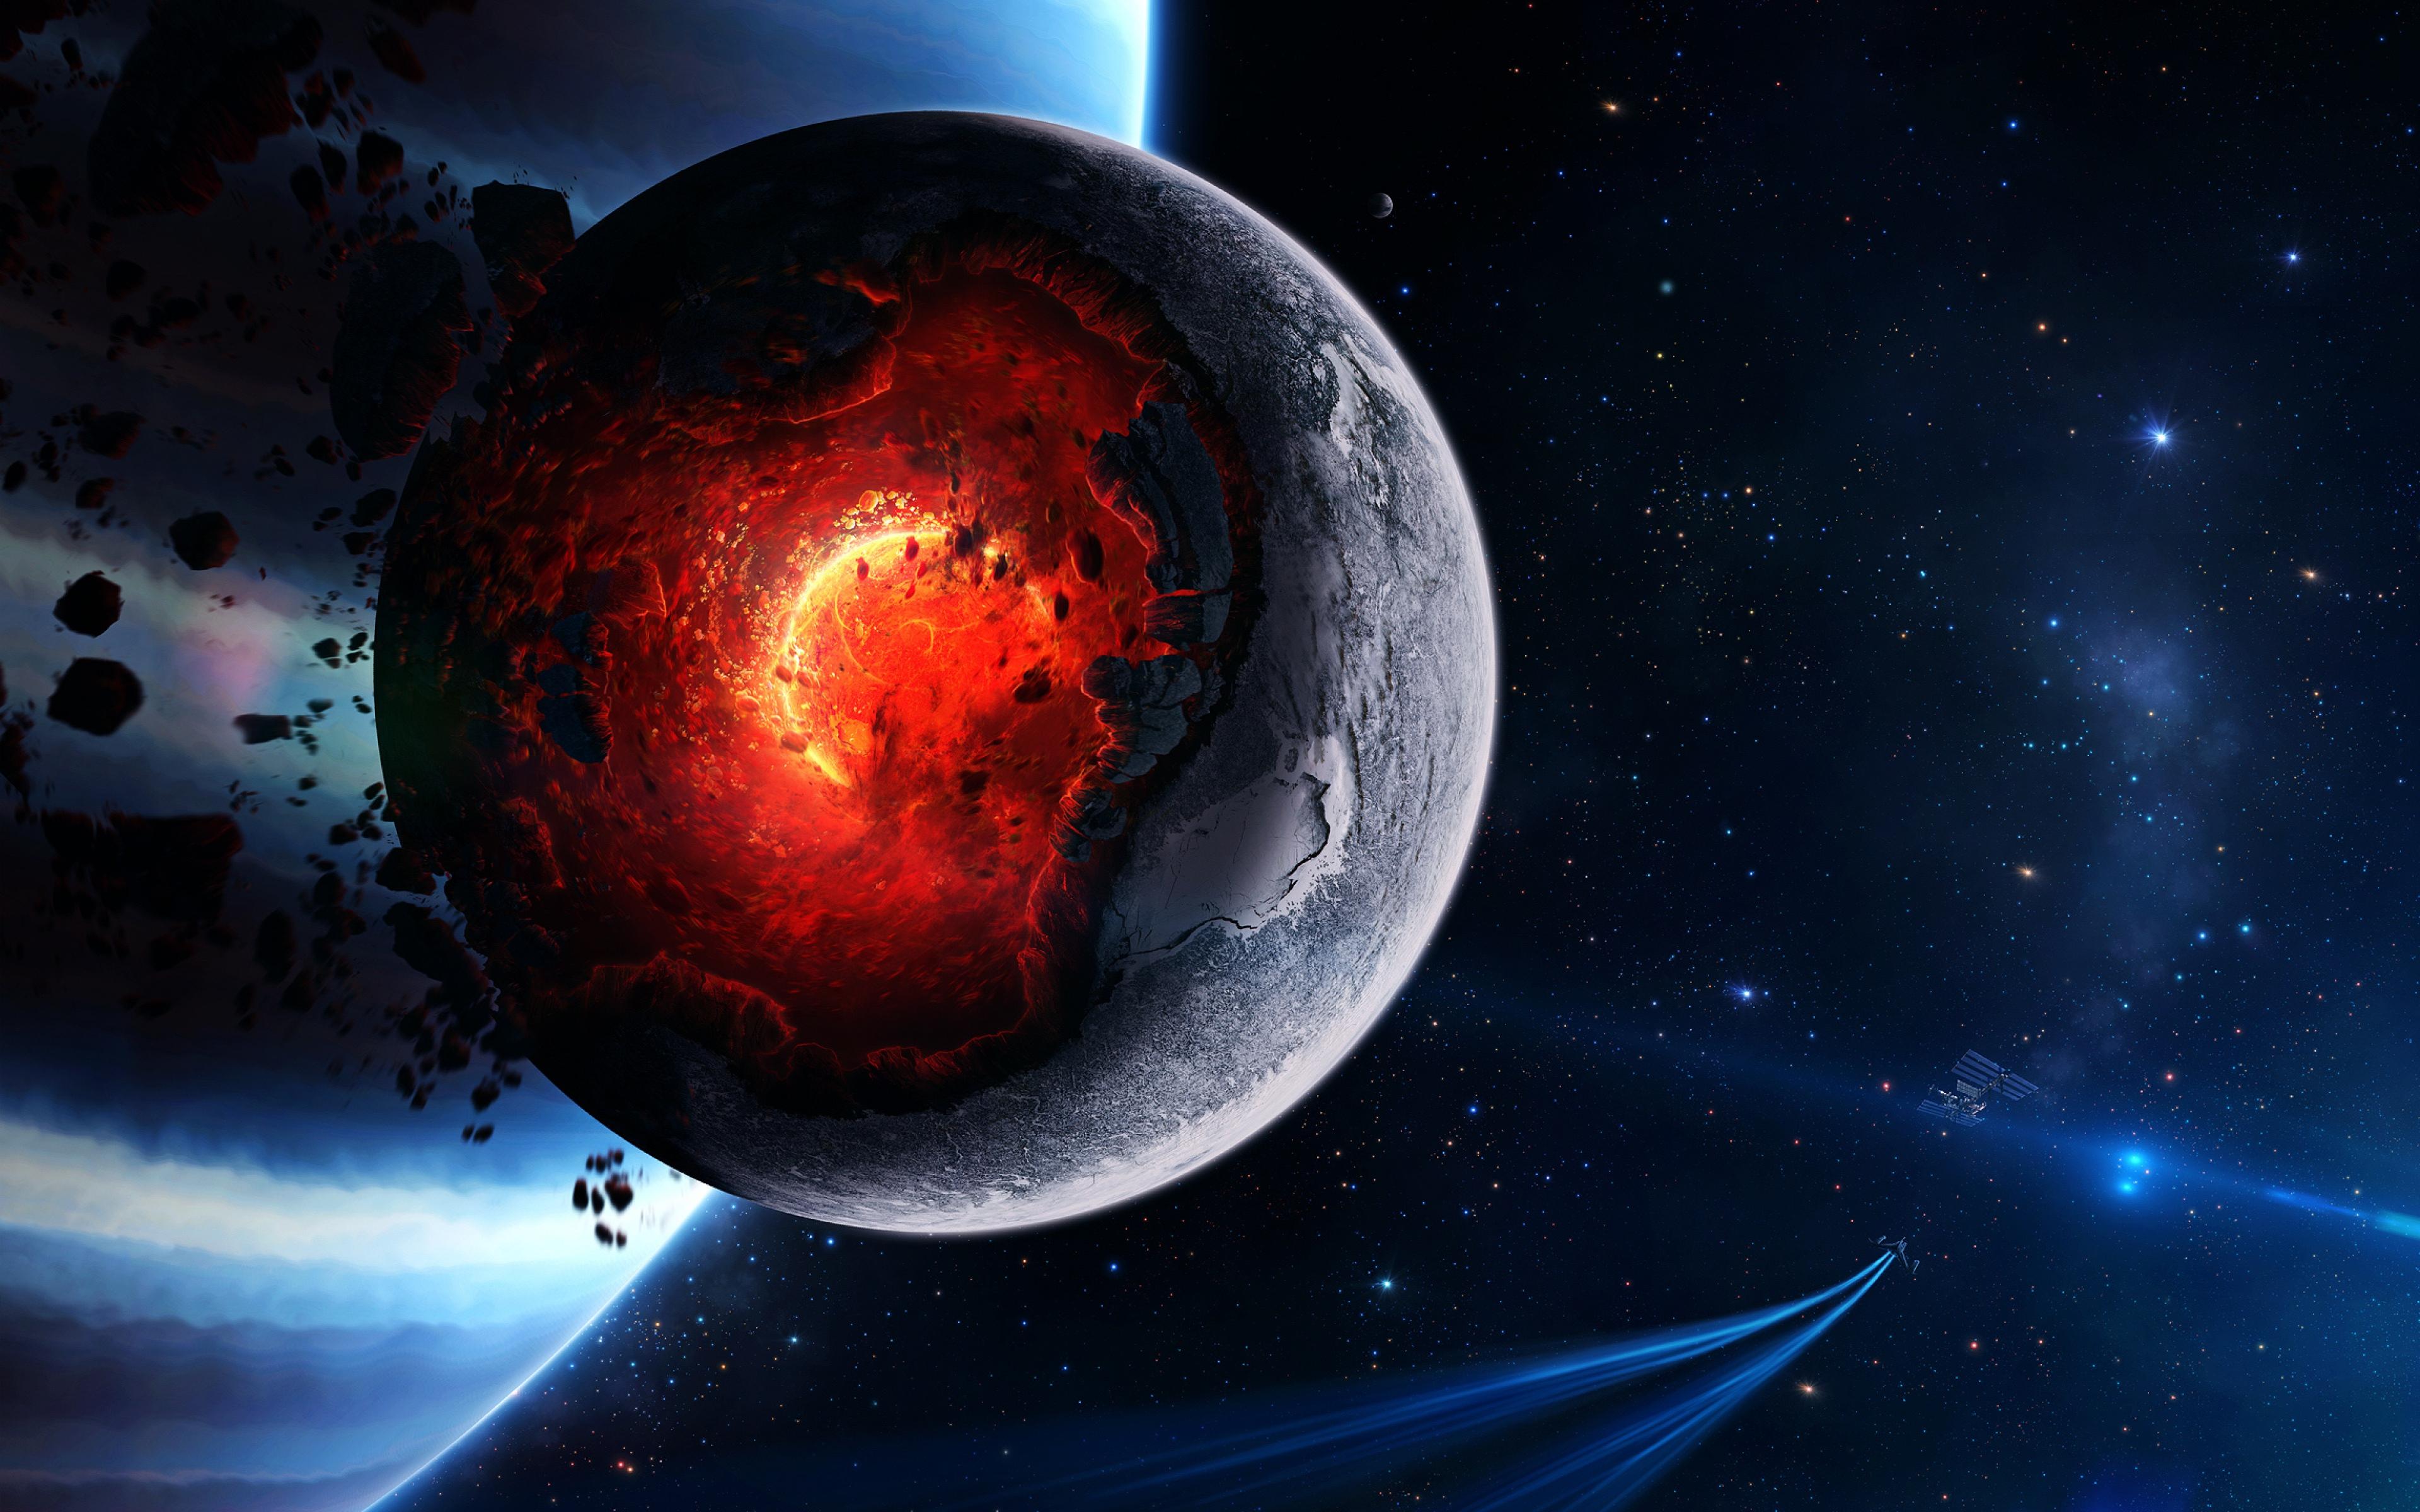 Обои огненная планета картинки на рабочий стол на тему Космос - скачать  № 433862 без смс